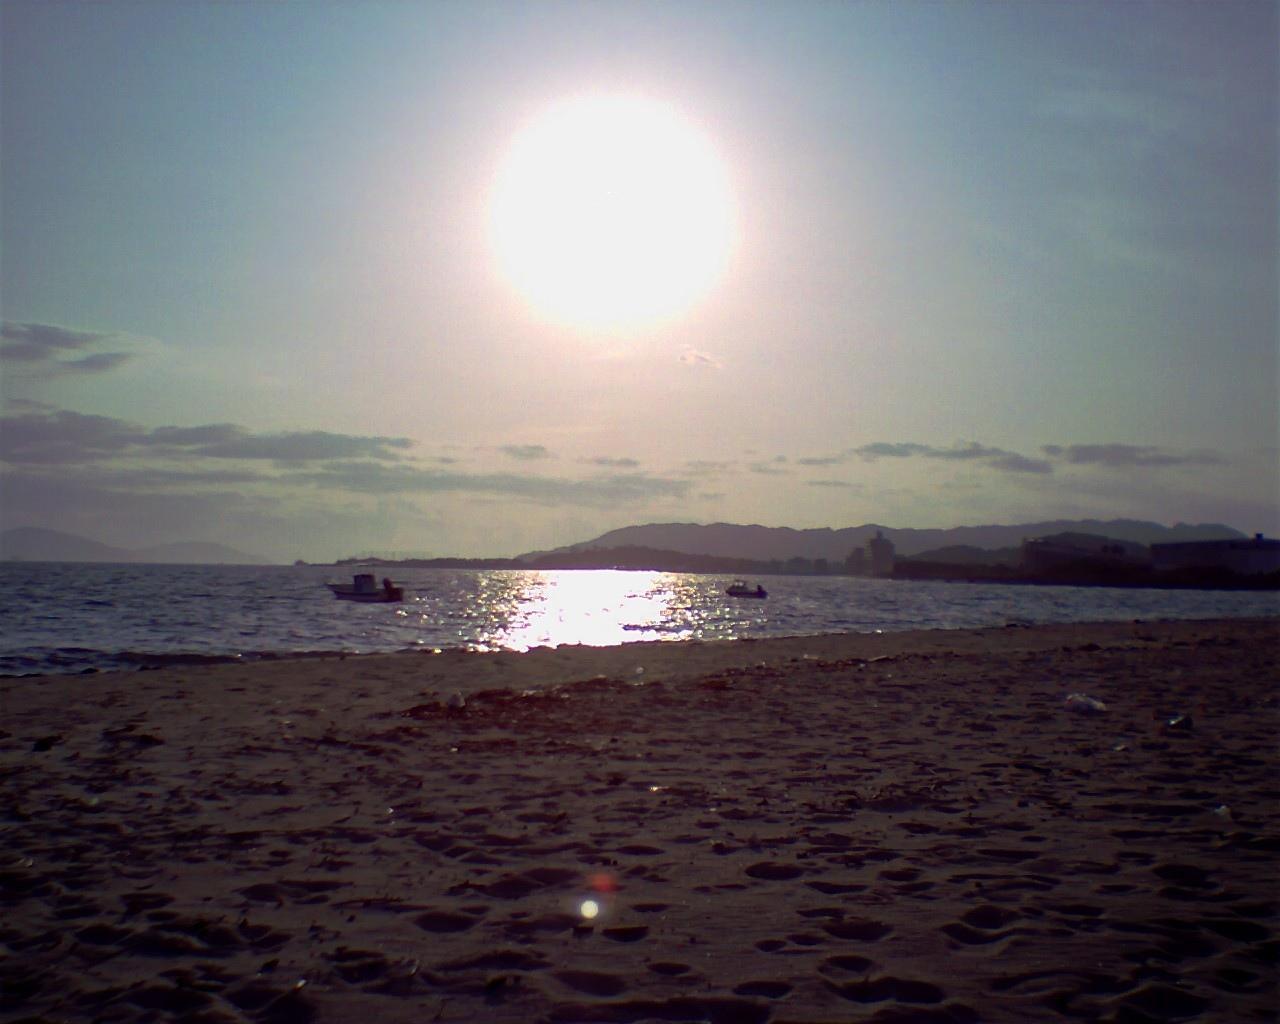 博多湾上を通る'志賀島への道'@紀行道中写真館 博多湾上を通る'志